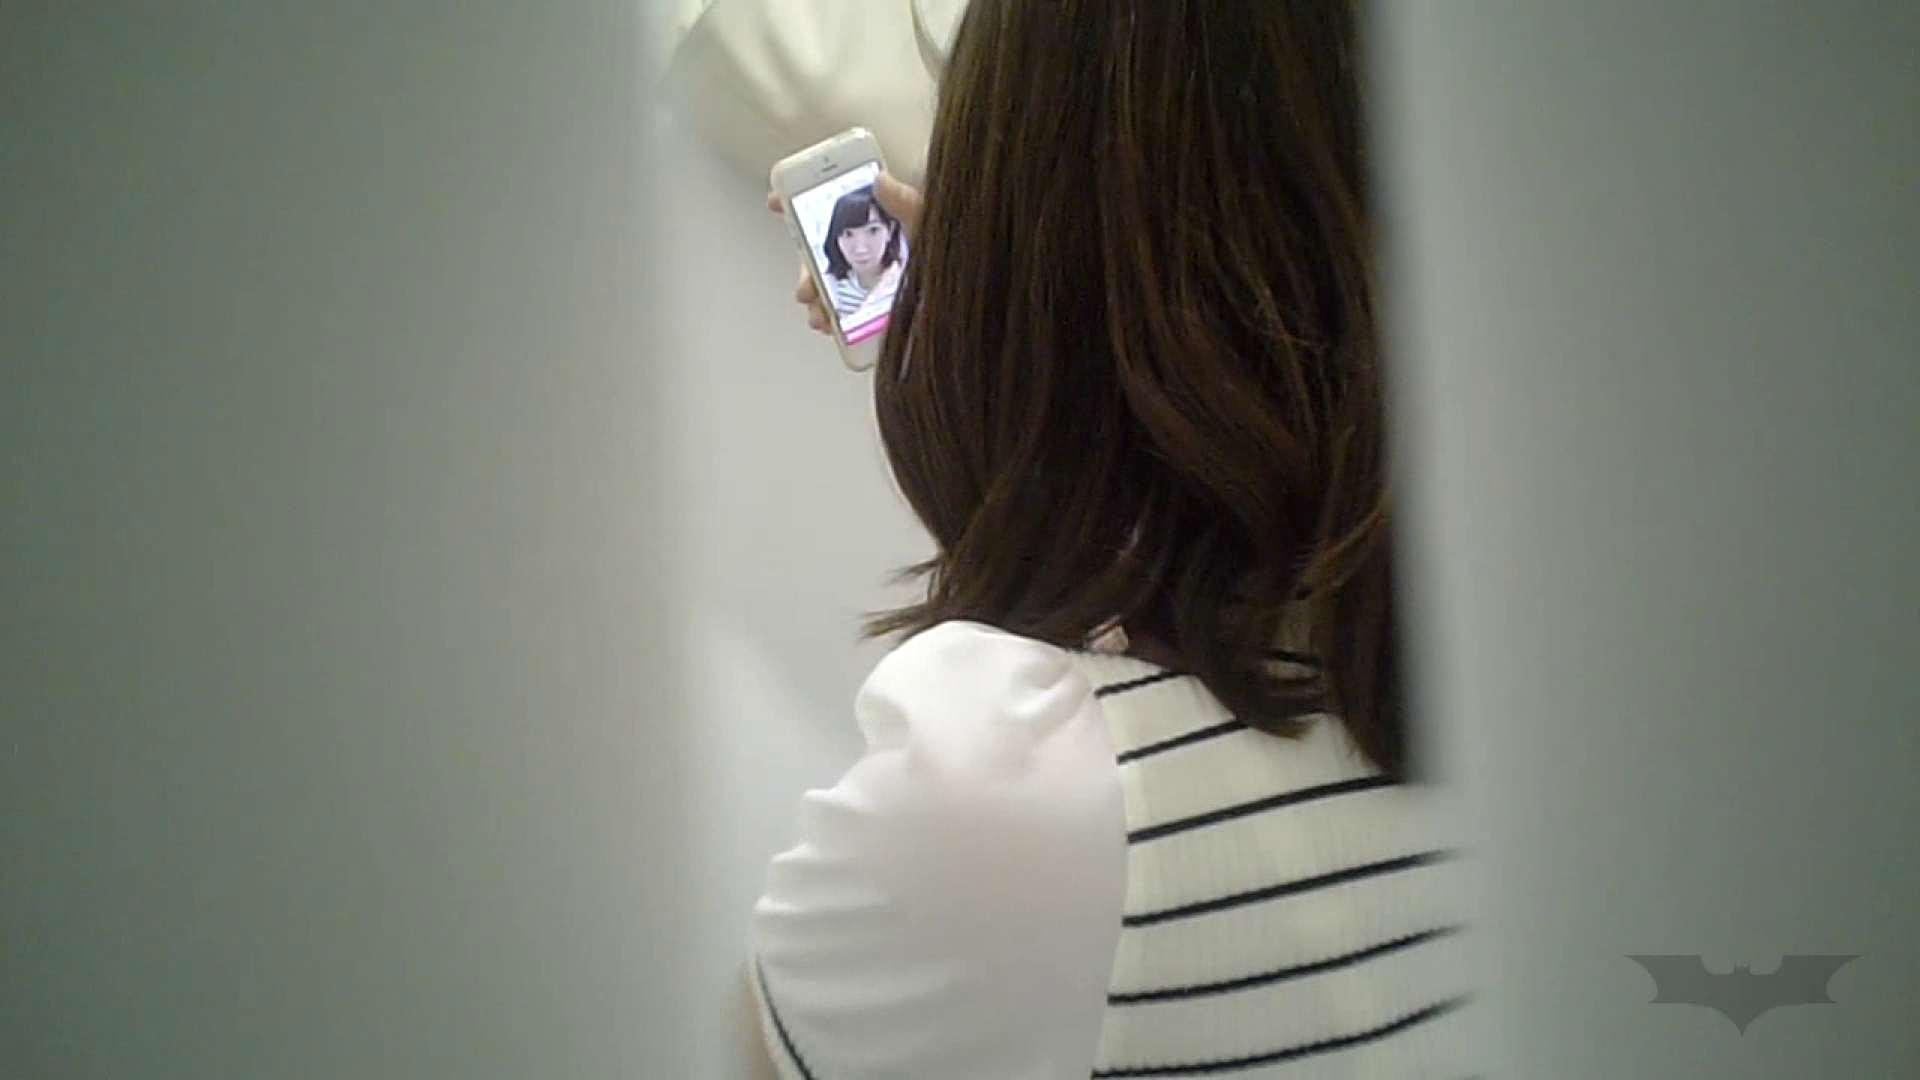 有名大学女性洗面所 vol.37 ついでにアンダーヘアーの状態確認ですね。 投稿 SEX無修正画像 105画像 7